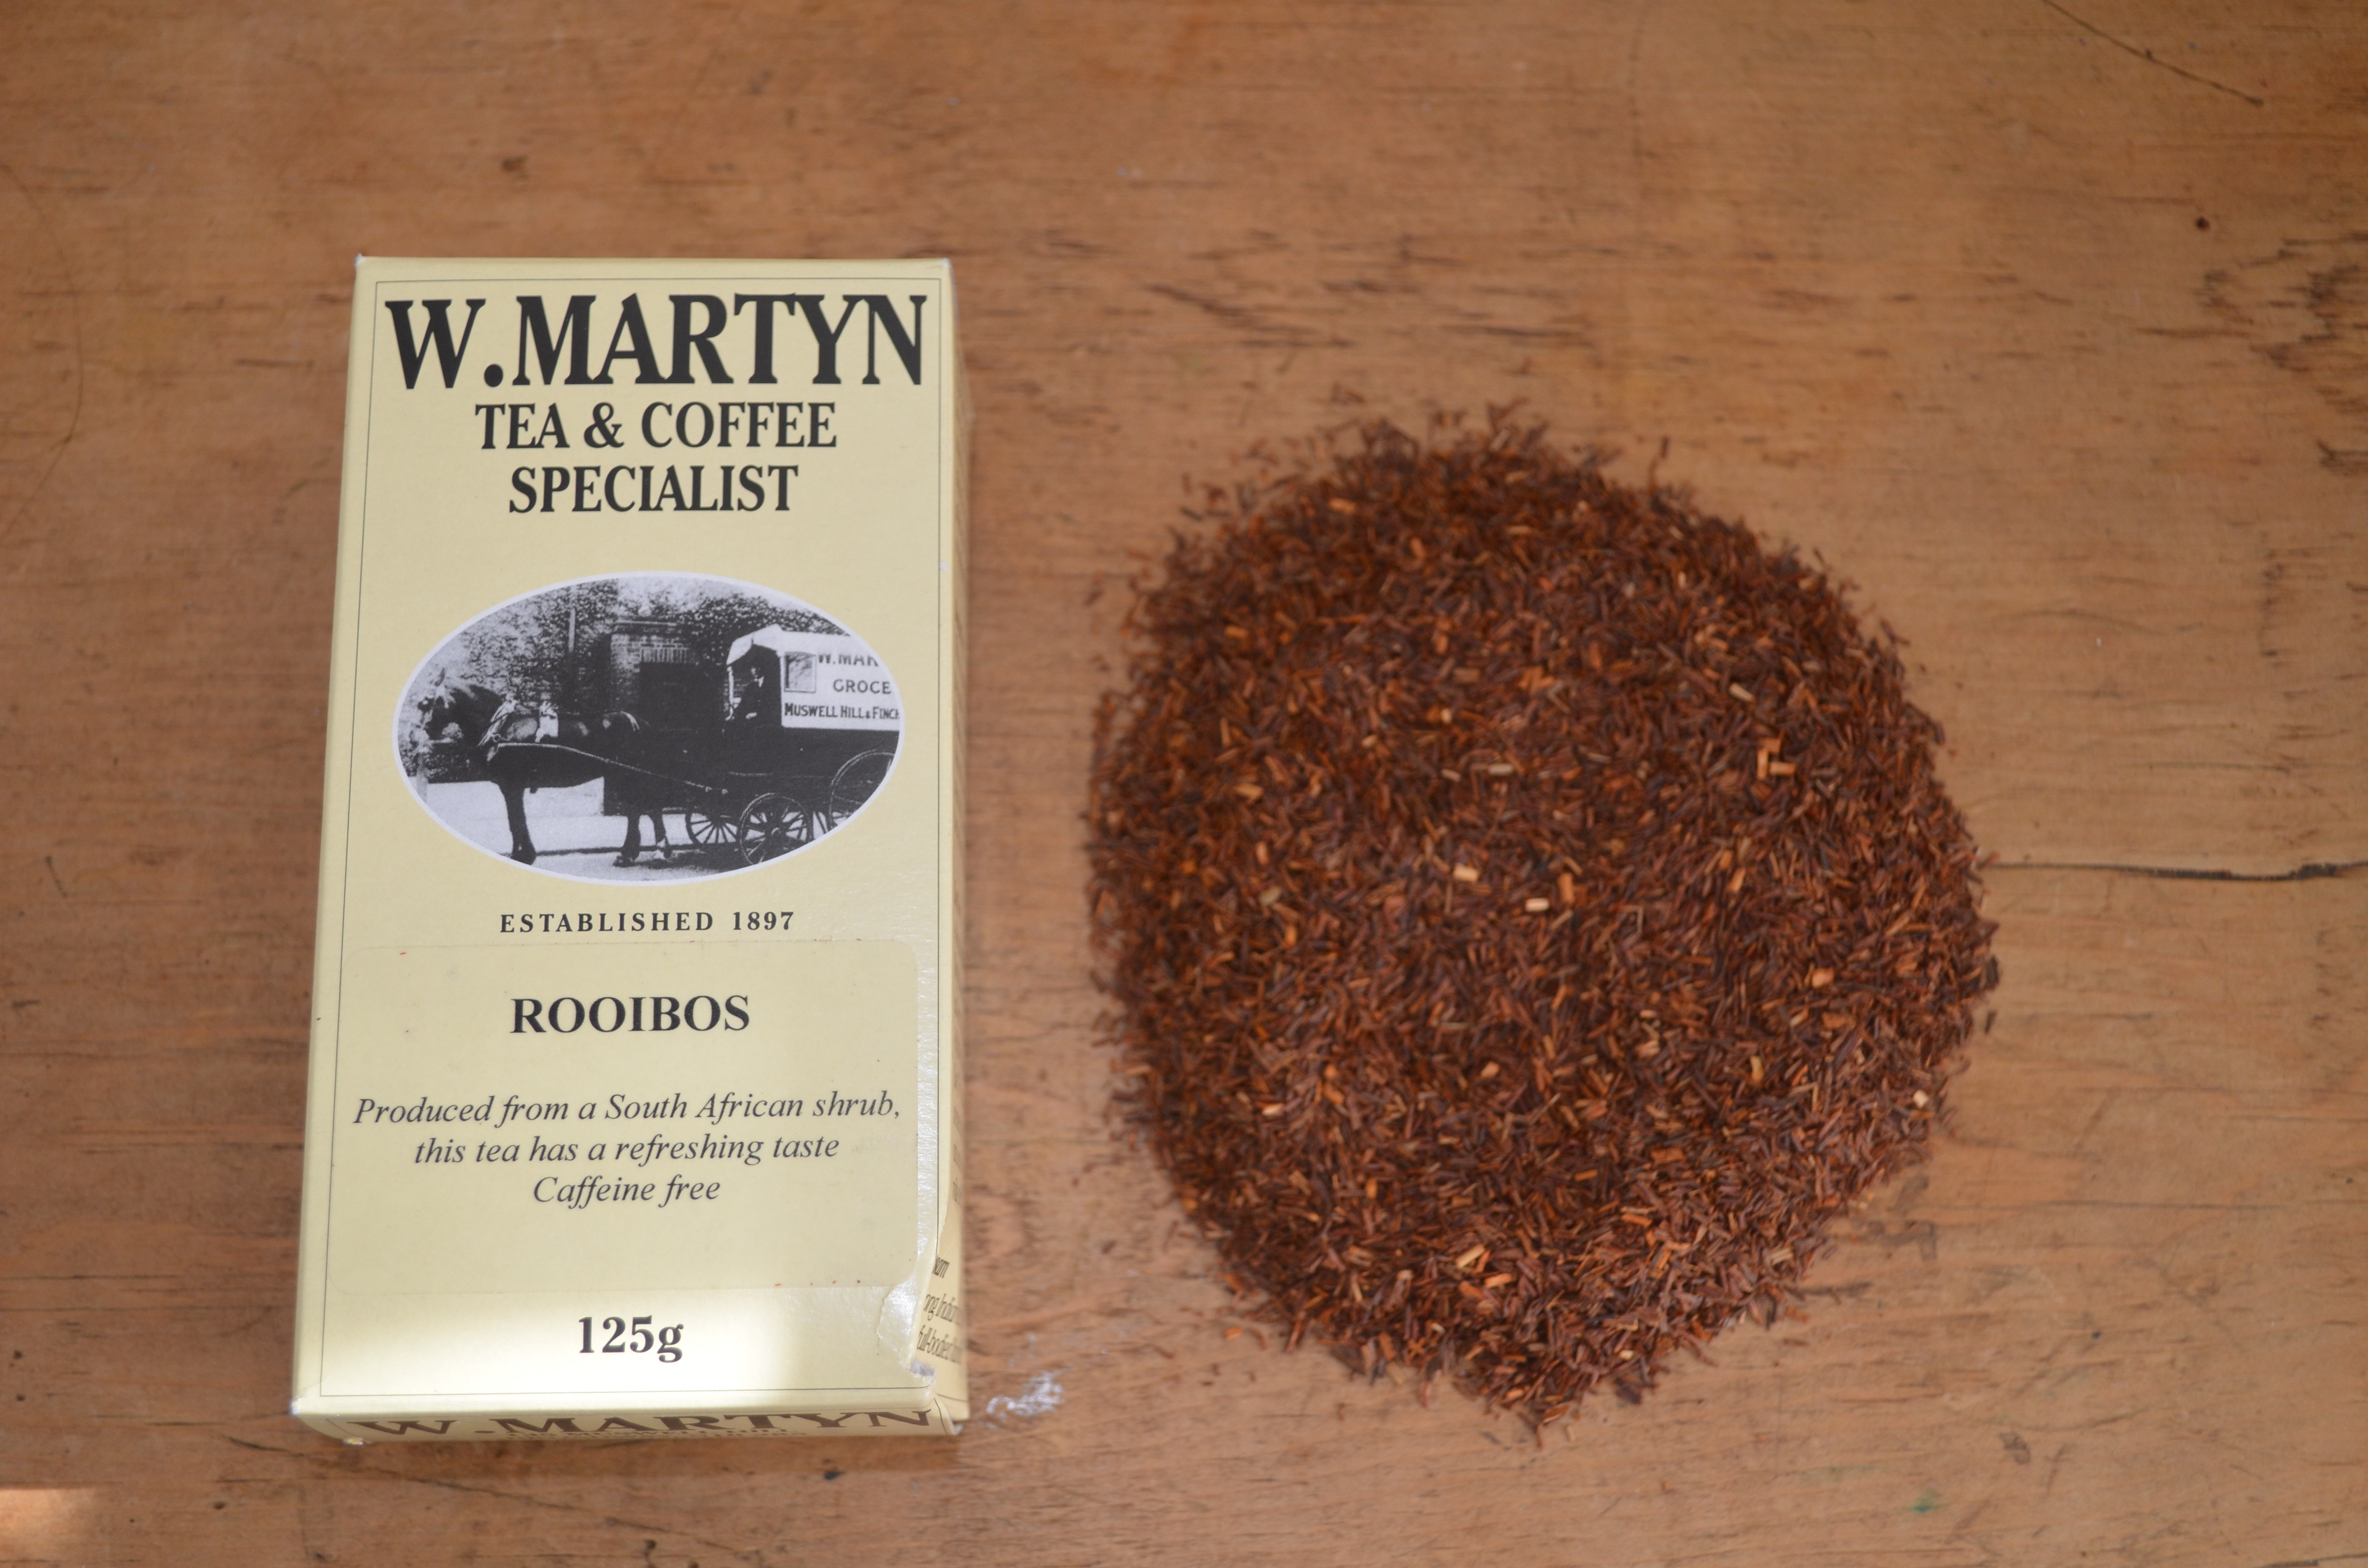 WMartyn Rooibos Tea